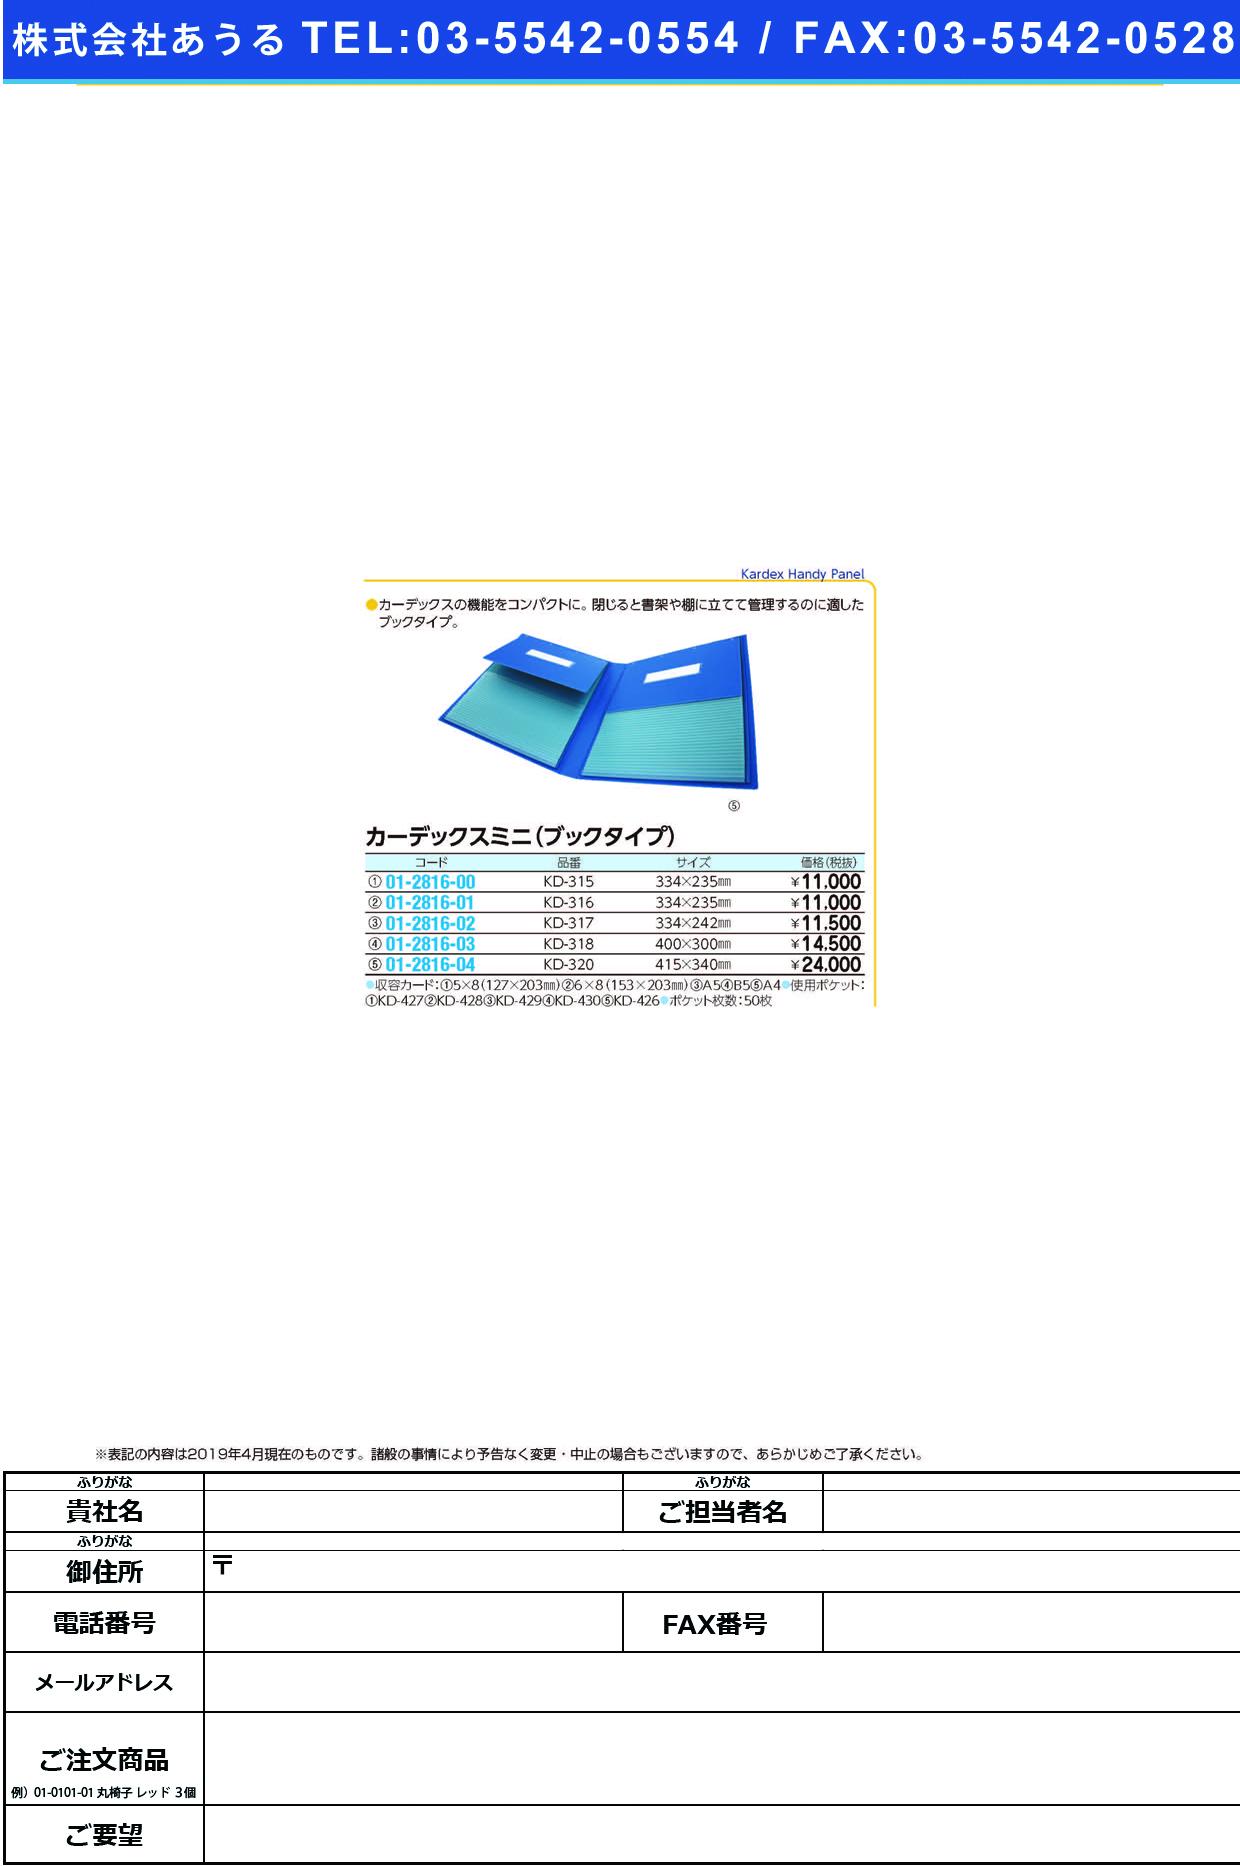 (01-2816-04)カーデックスミニ(ブックタイプ) KD-320 KD320(ケルン)【1冊単位】【2019年カタログ商品】